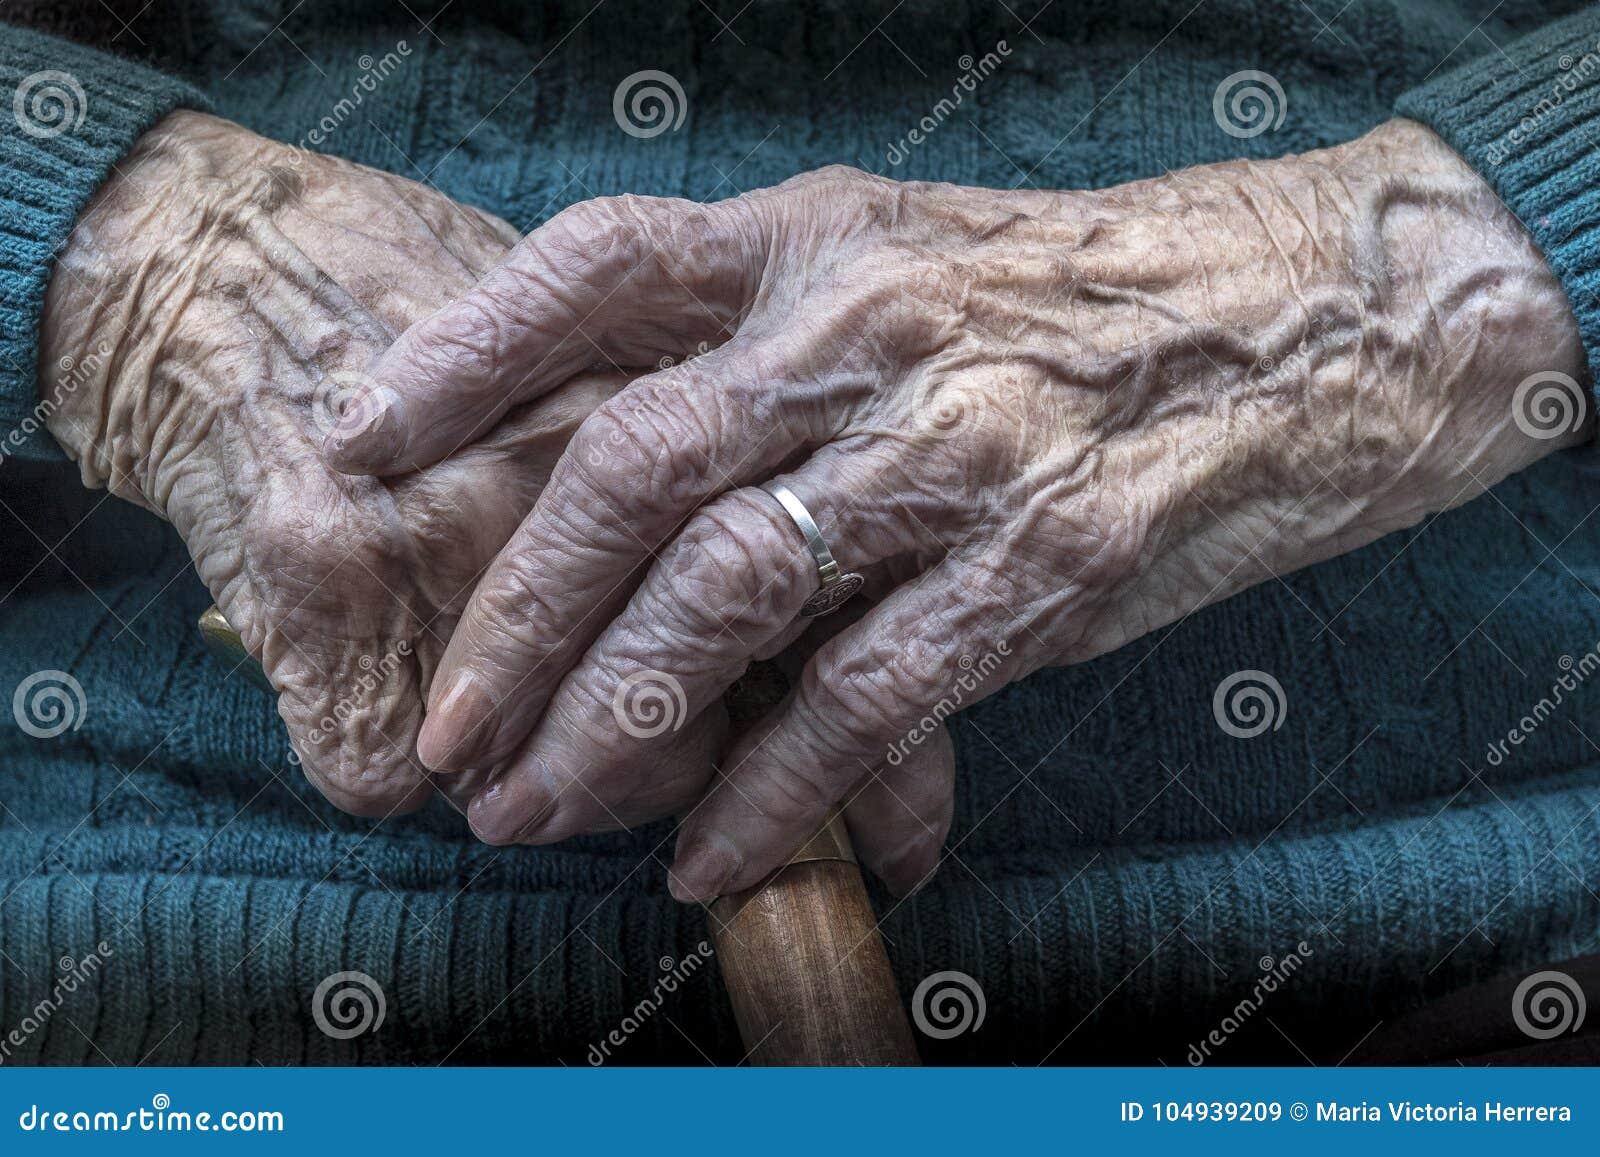 Download 年长女性手修指甲和藤茎 库存图片. 图片 包括有 人力, 藤茎, 长辈, 手指, 工作, 困难, 修指甲 - 104939209